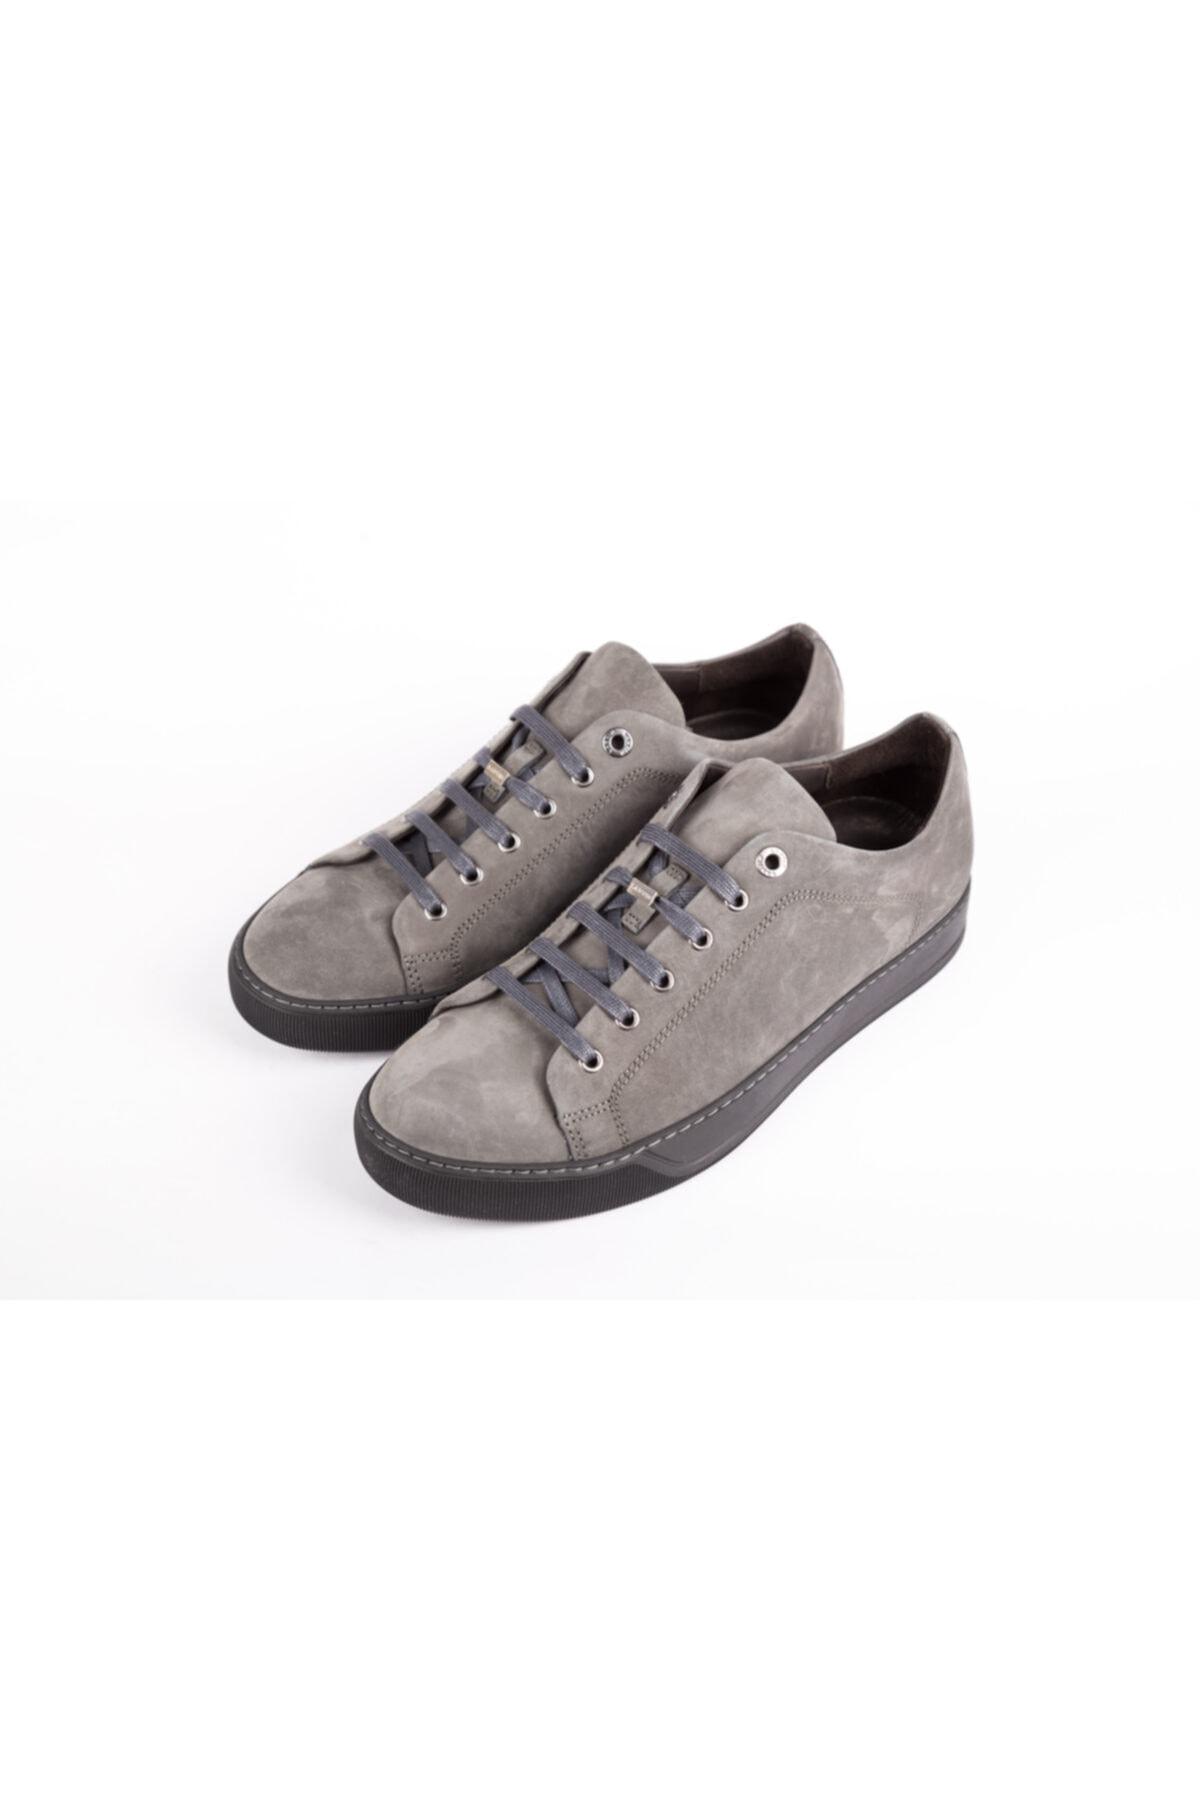 Lanvin Erkek Gri Sneakers 2